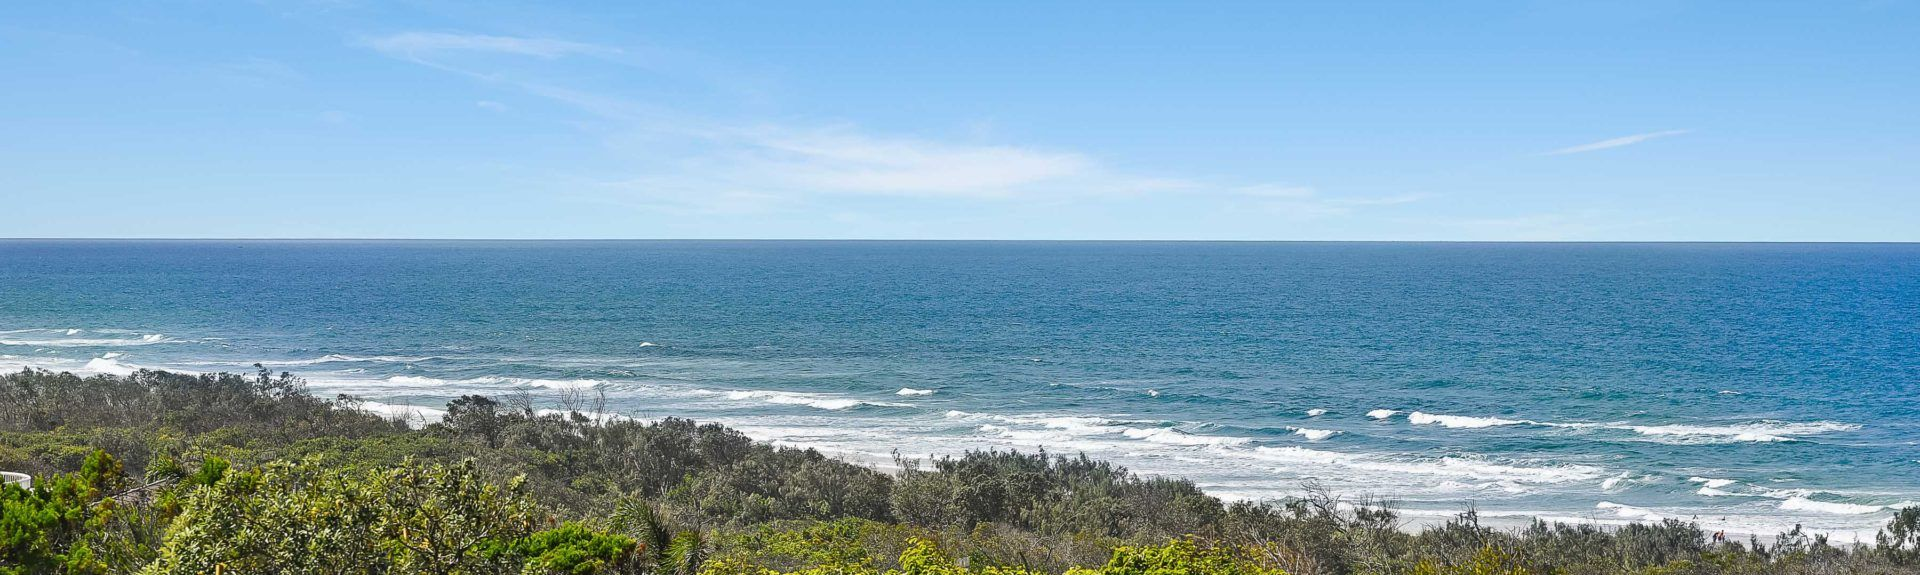 Valdora, Queensland, Australia